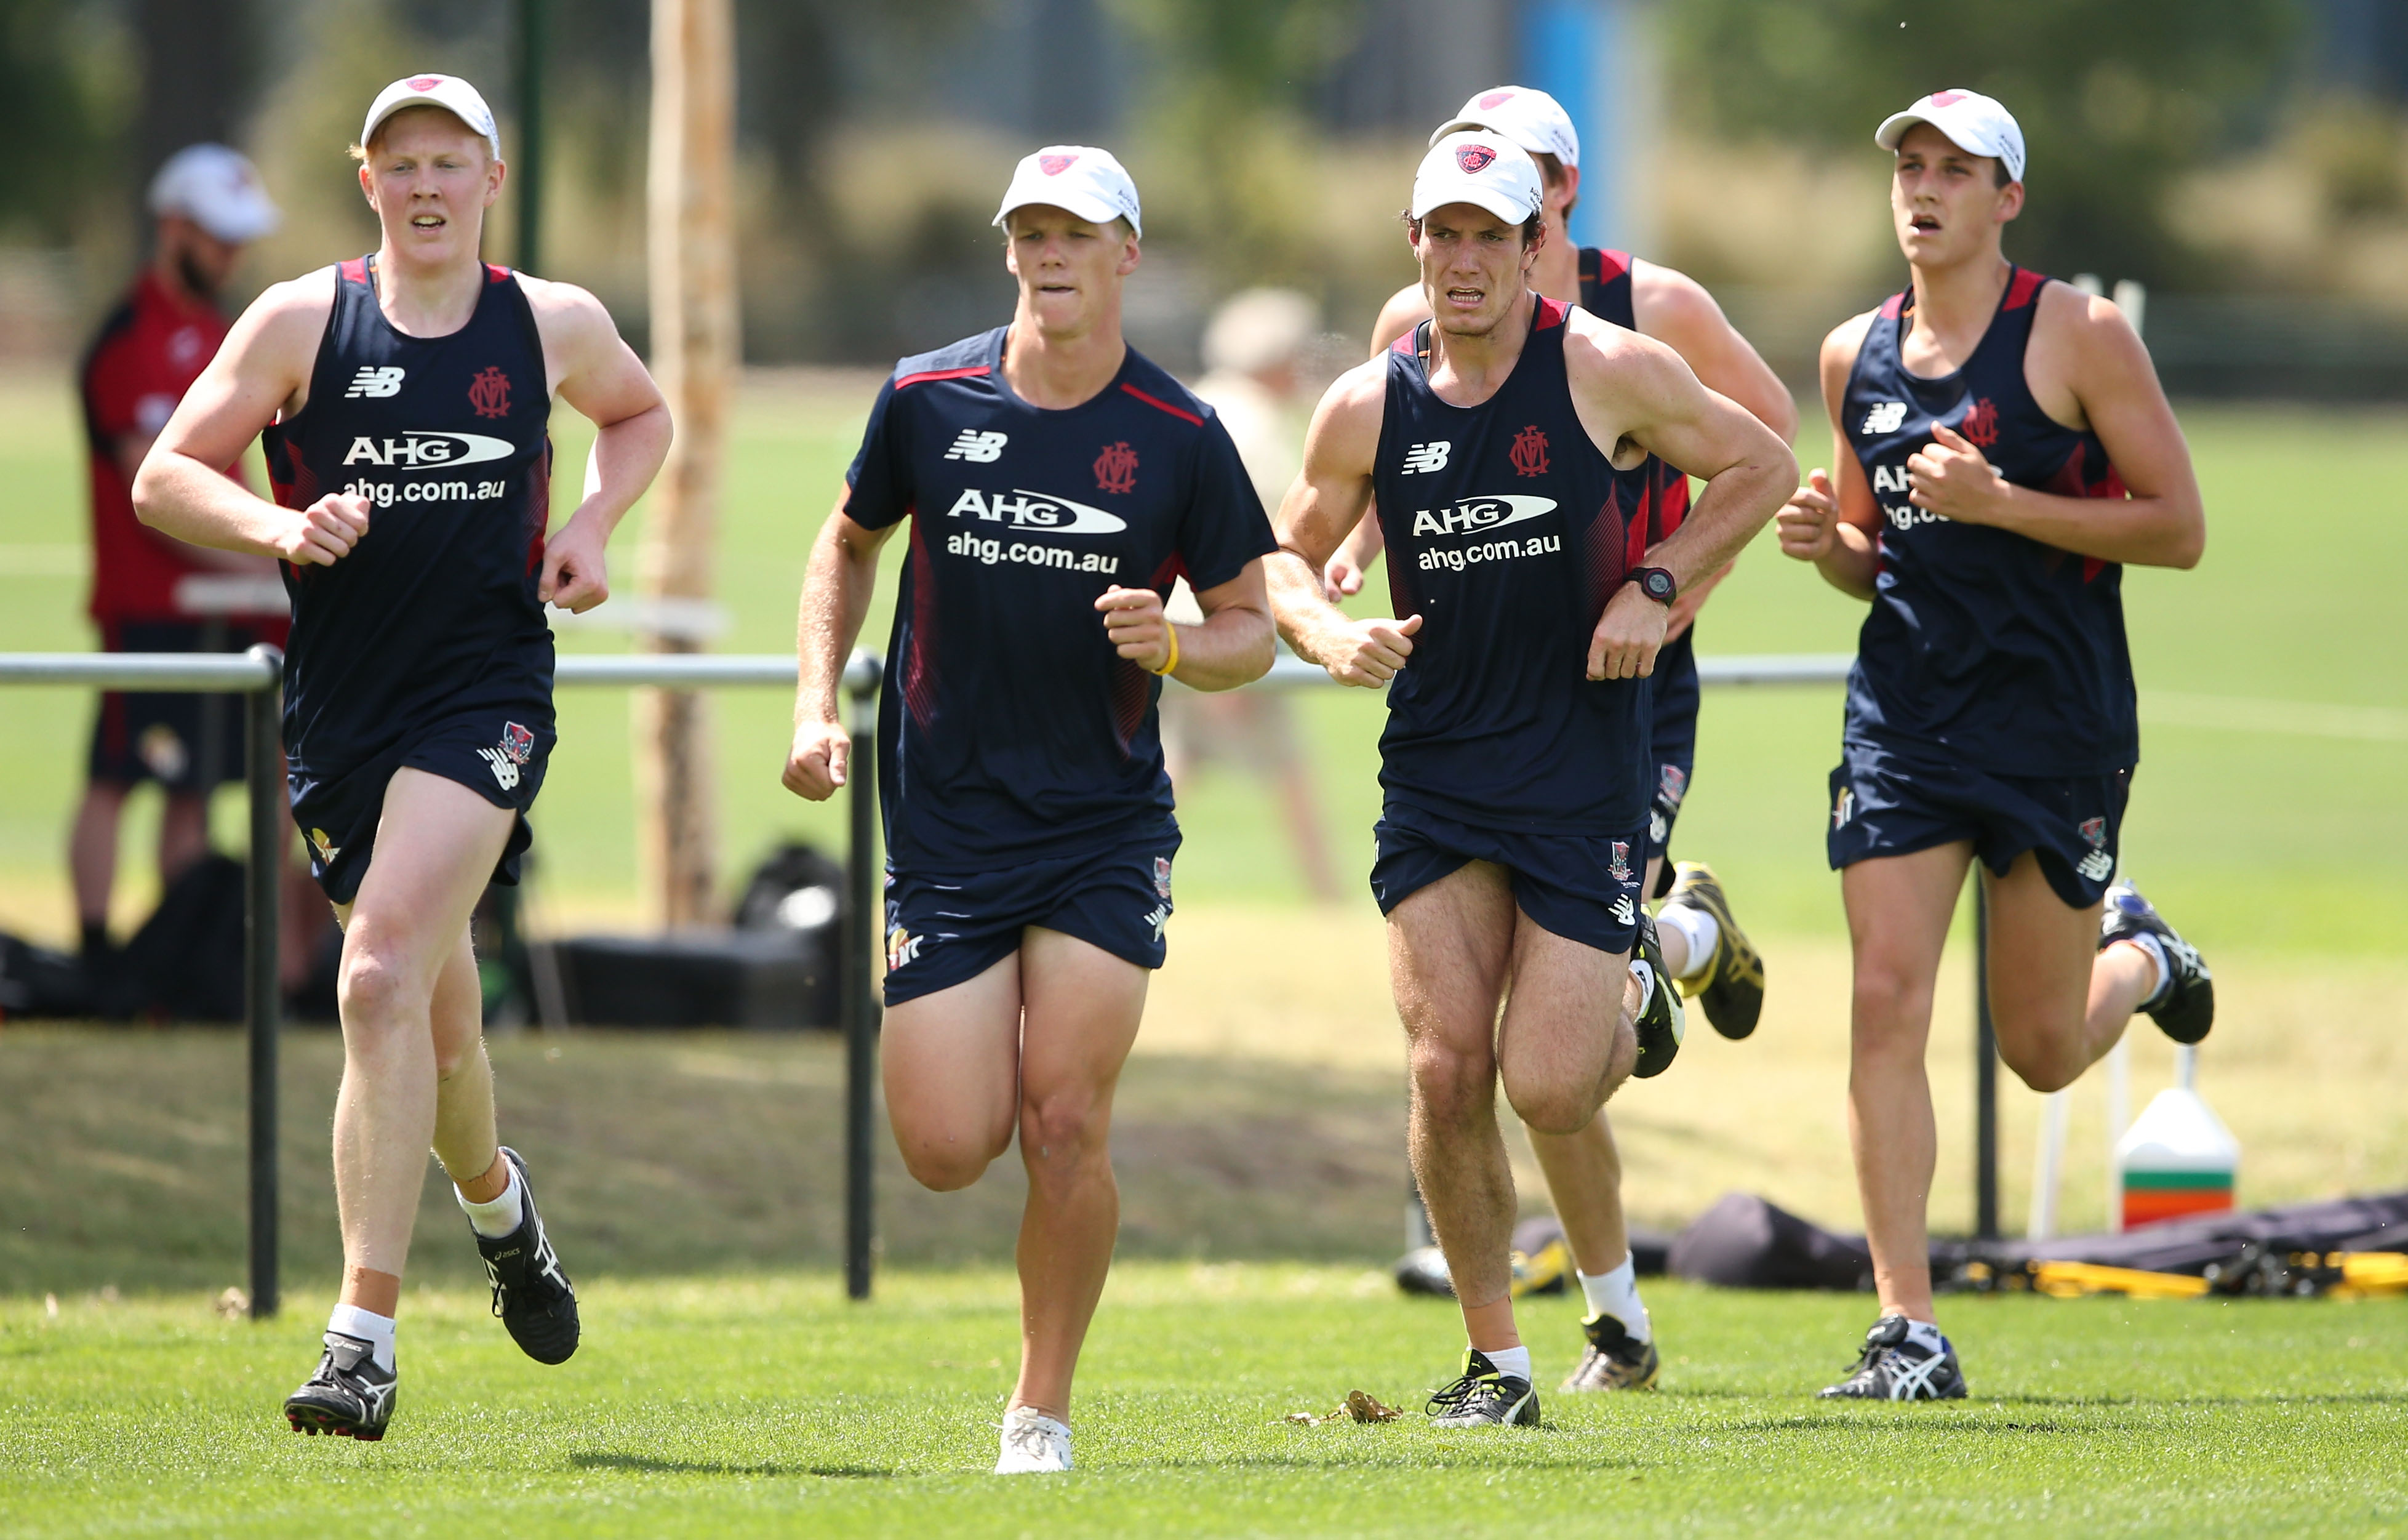 AFL 2015 Training - Melbourne 301115